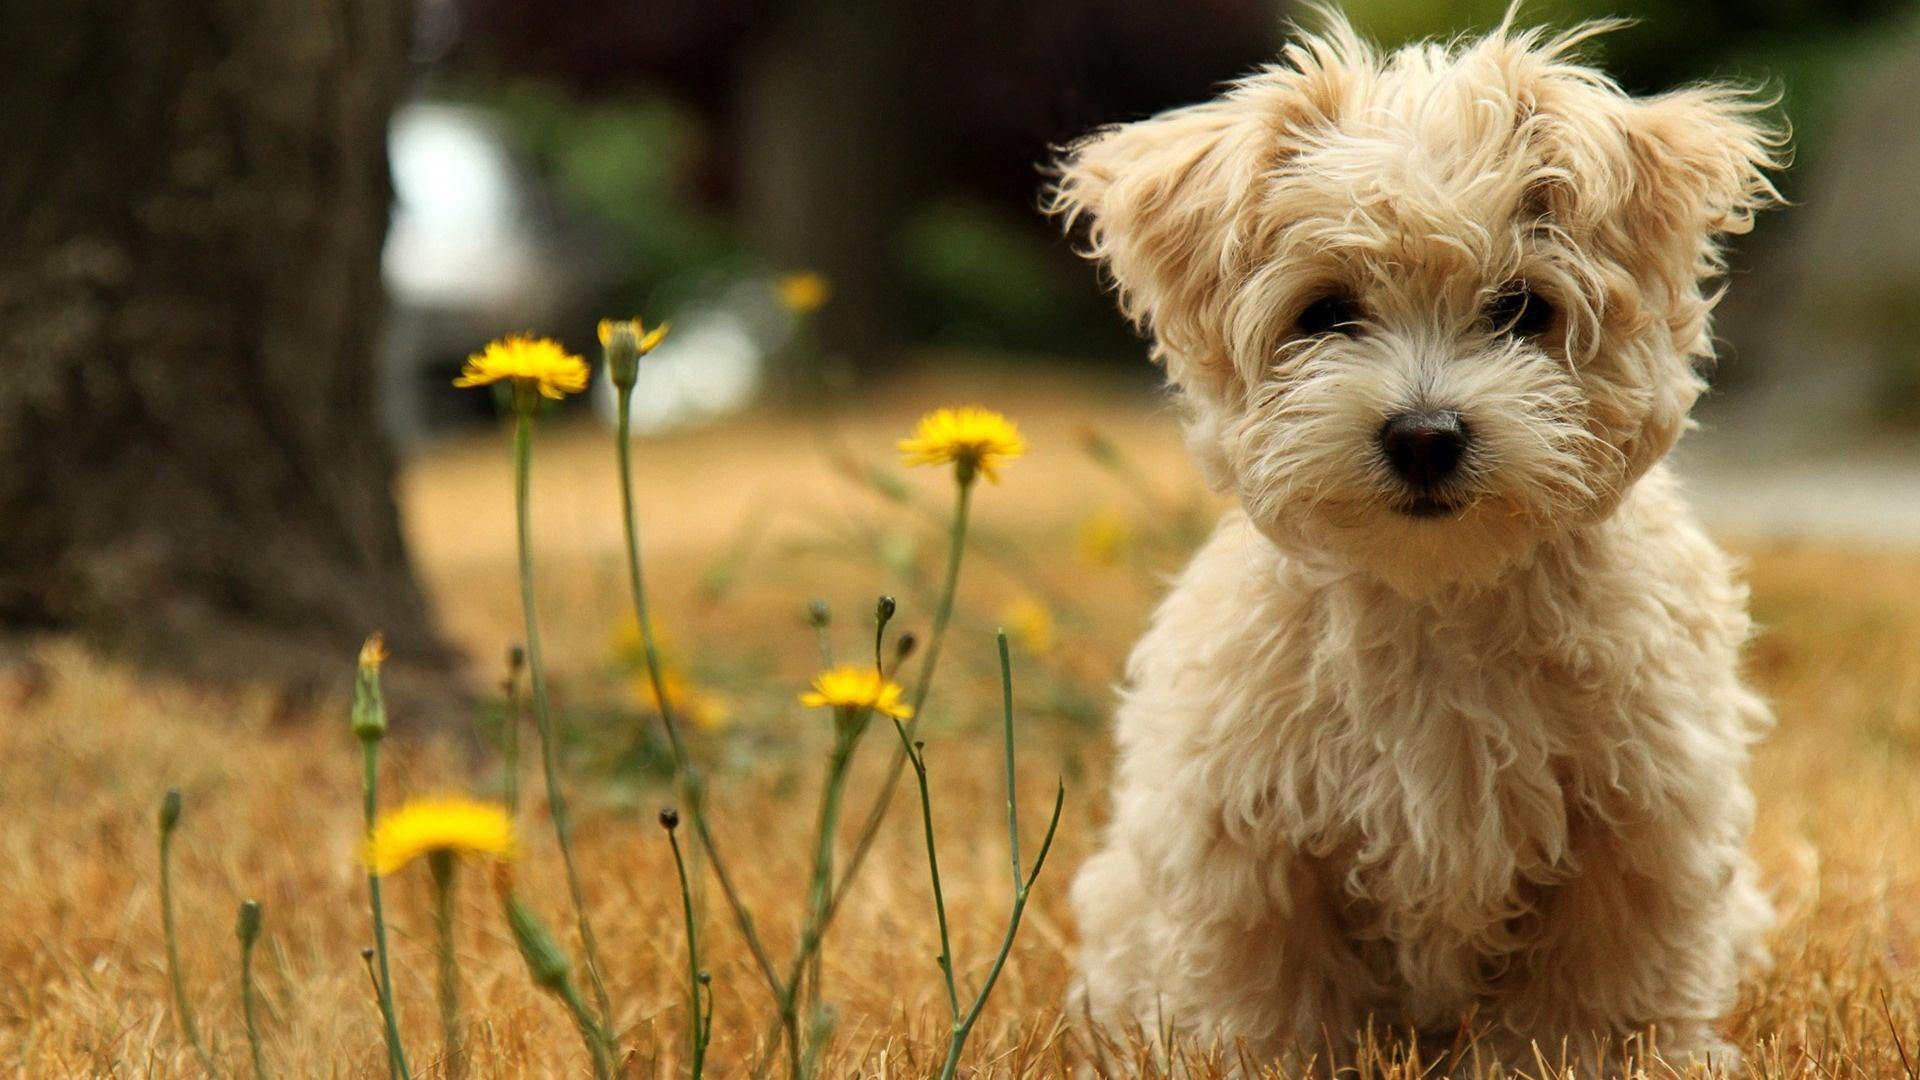 белая мохнатая собака в поле среди цветов